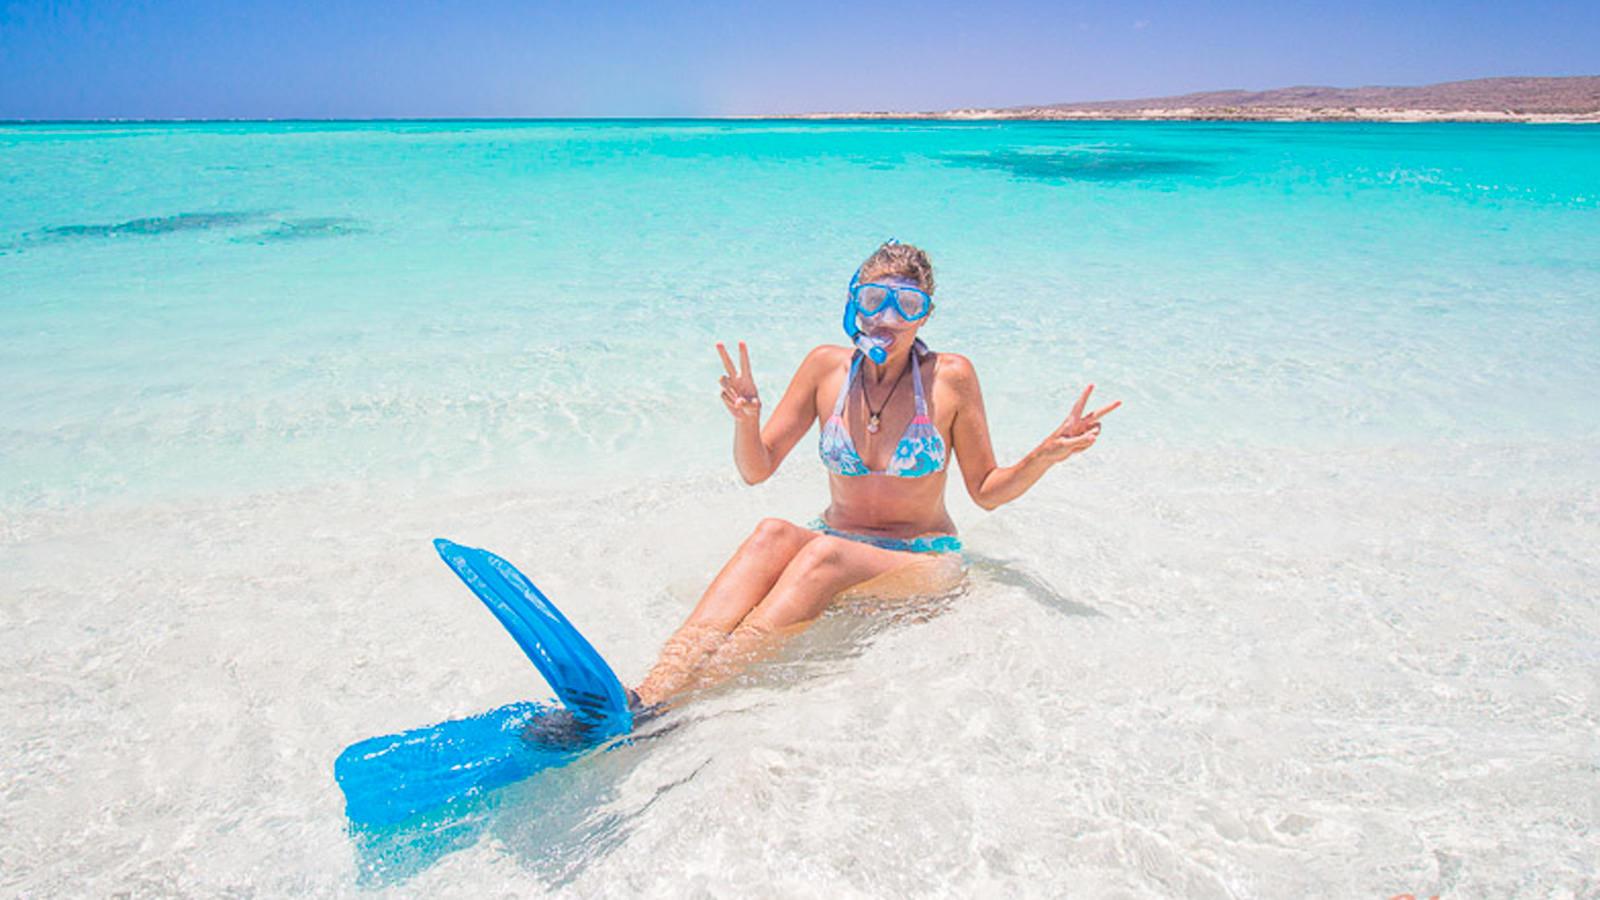 Woman in ocean